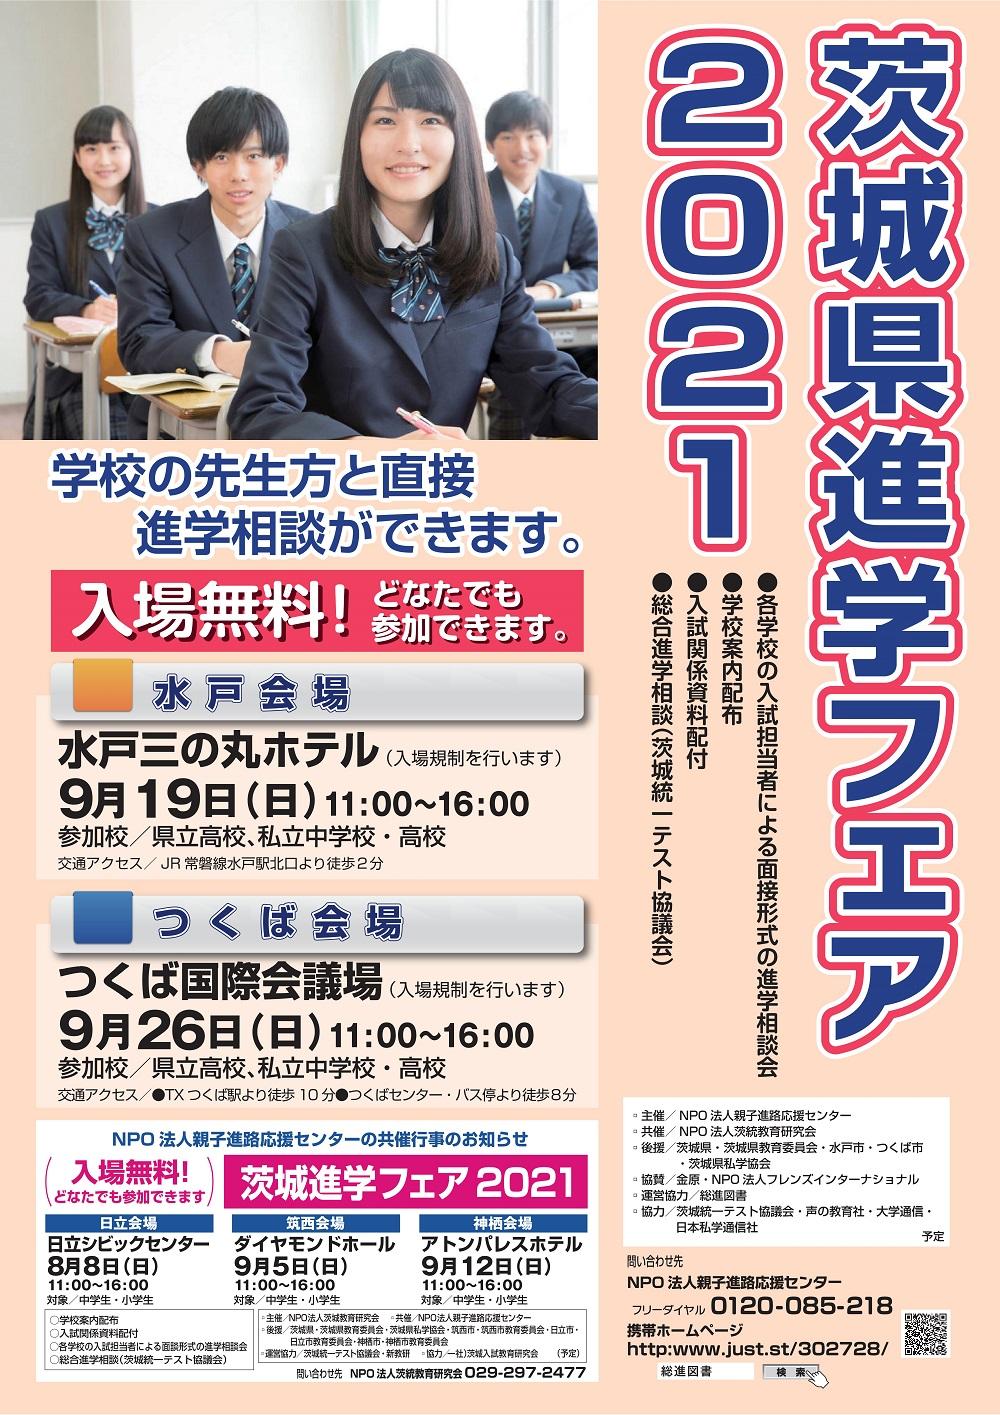 茨城県進学フェア2021,茨城統一テスト協議会,水戸三の丸ホテル,つくば国際会議場